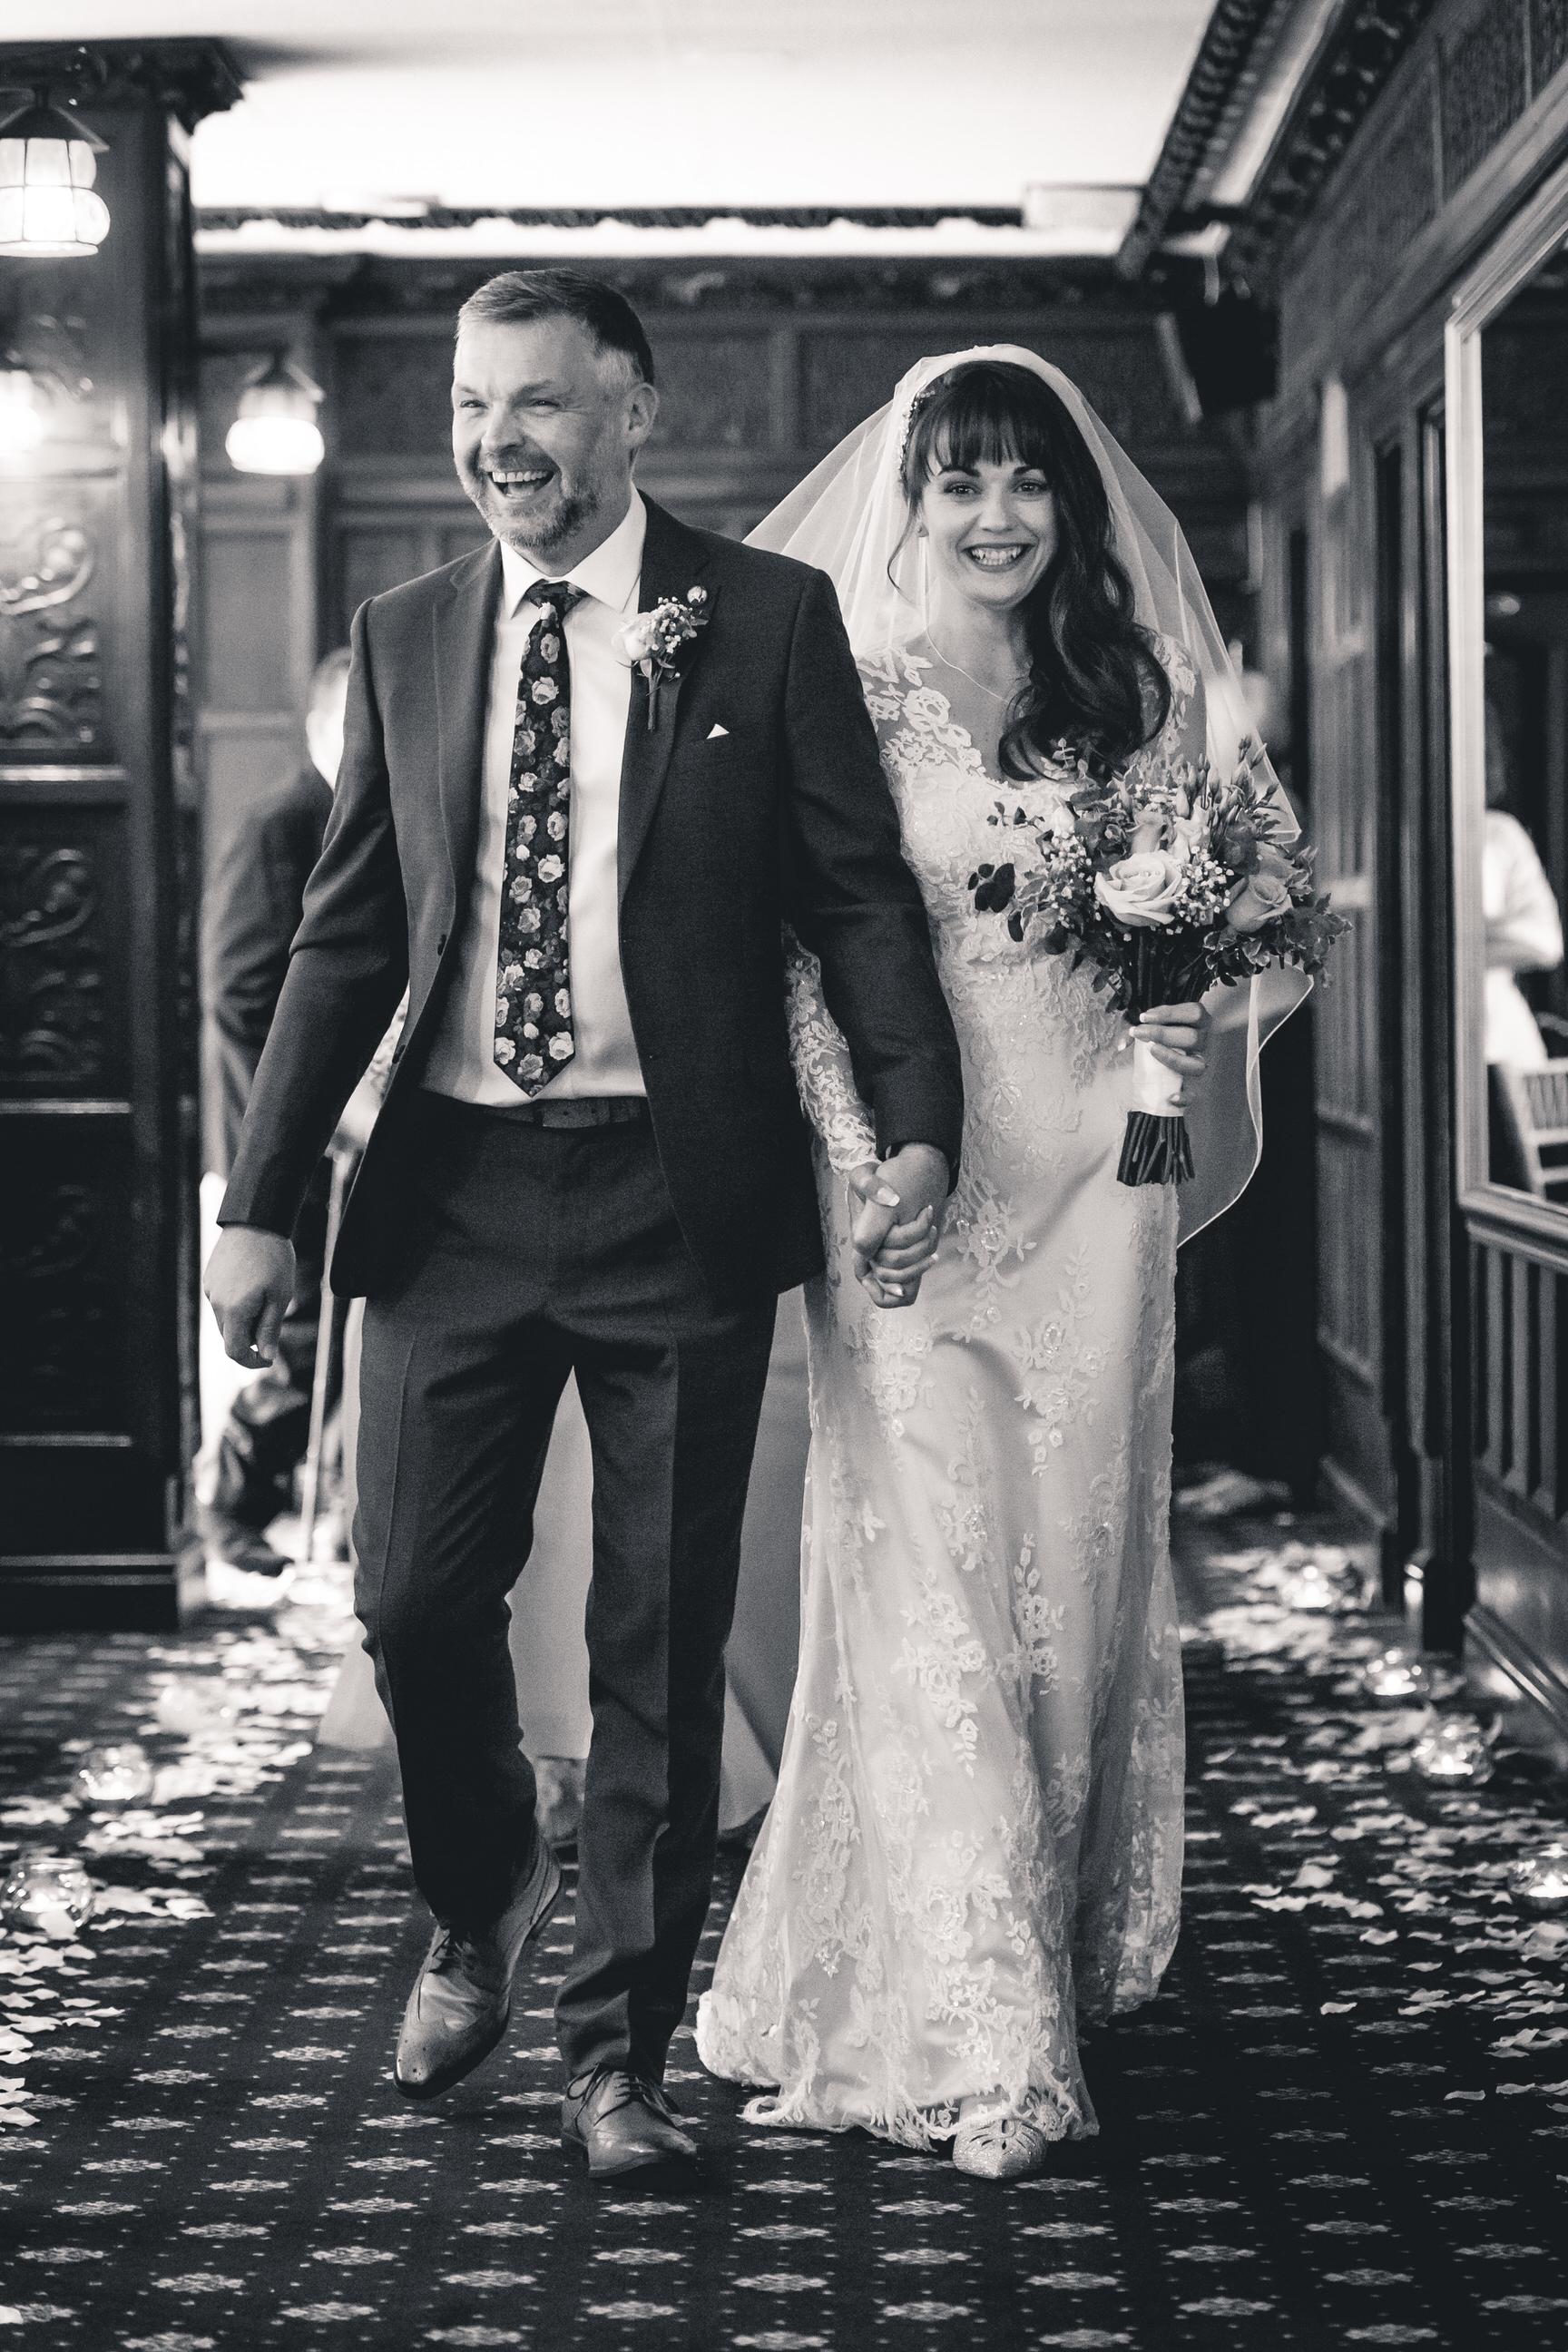 chainbridge-wedding-leeds-wedding-photographer-23.jpg